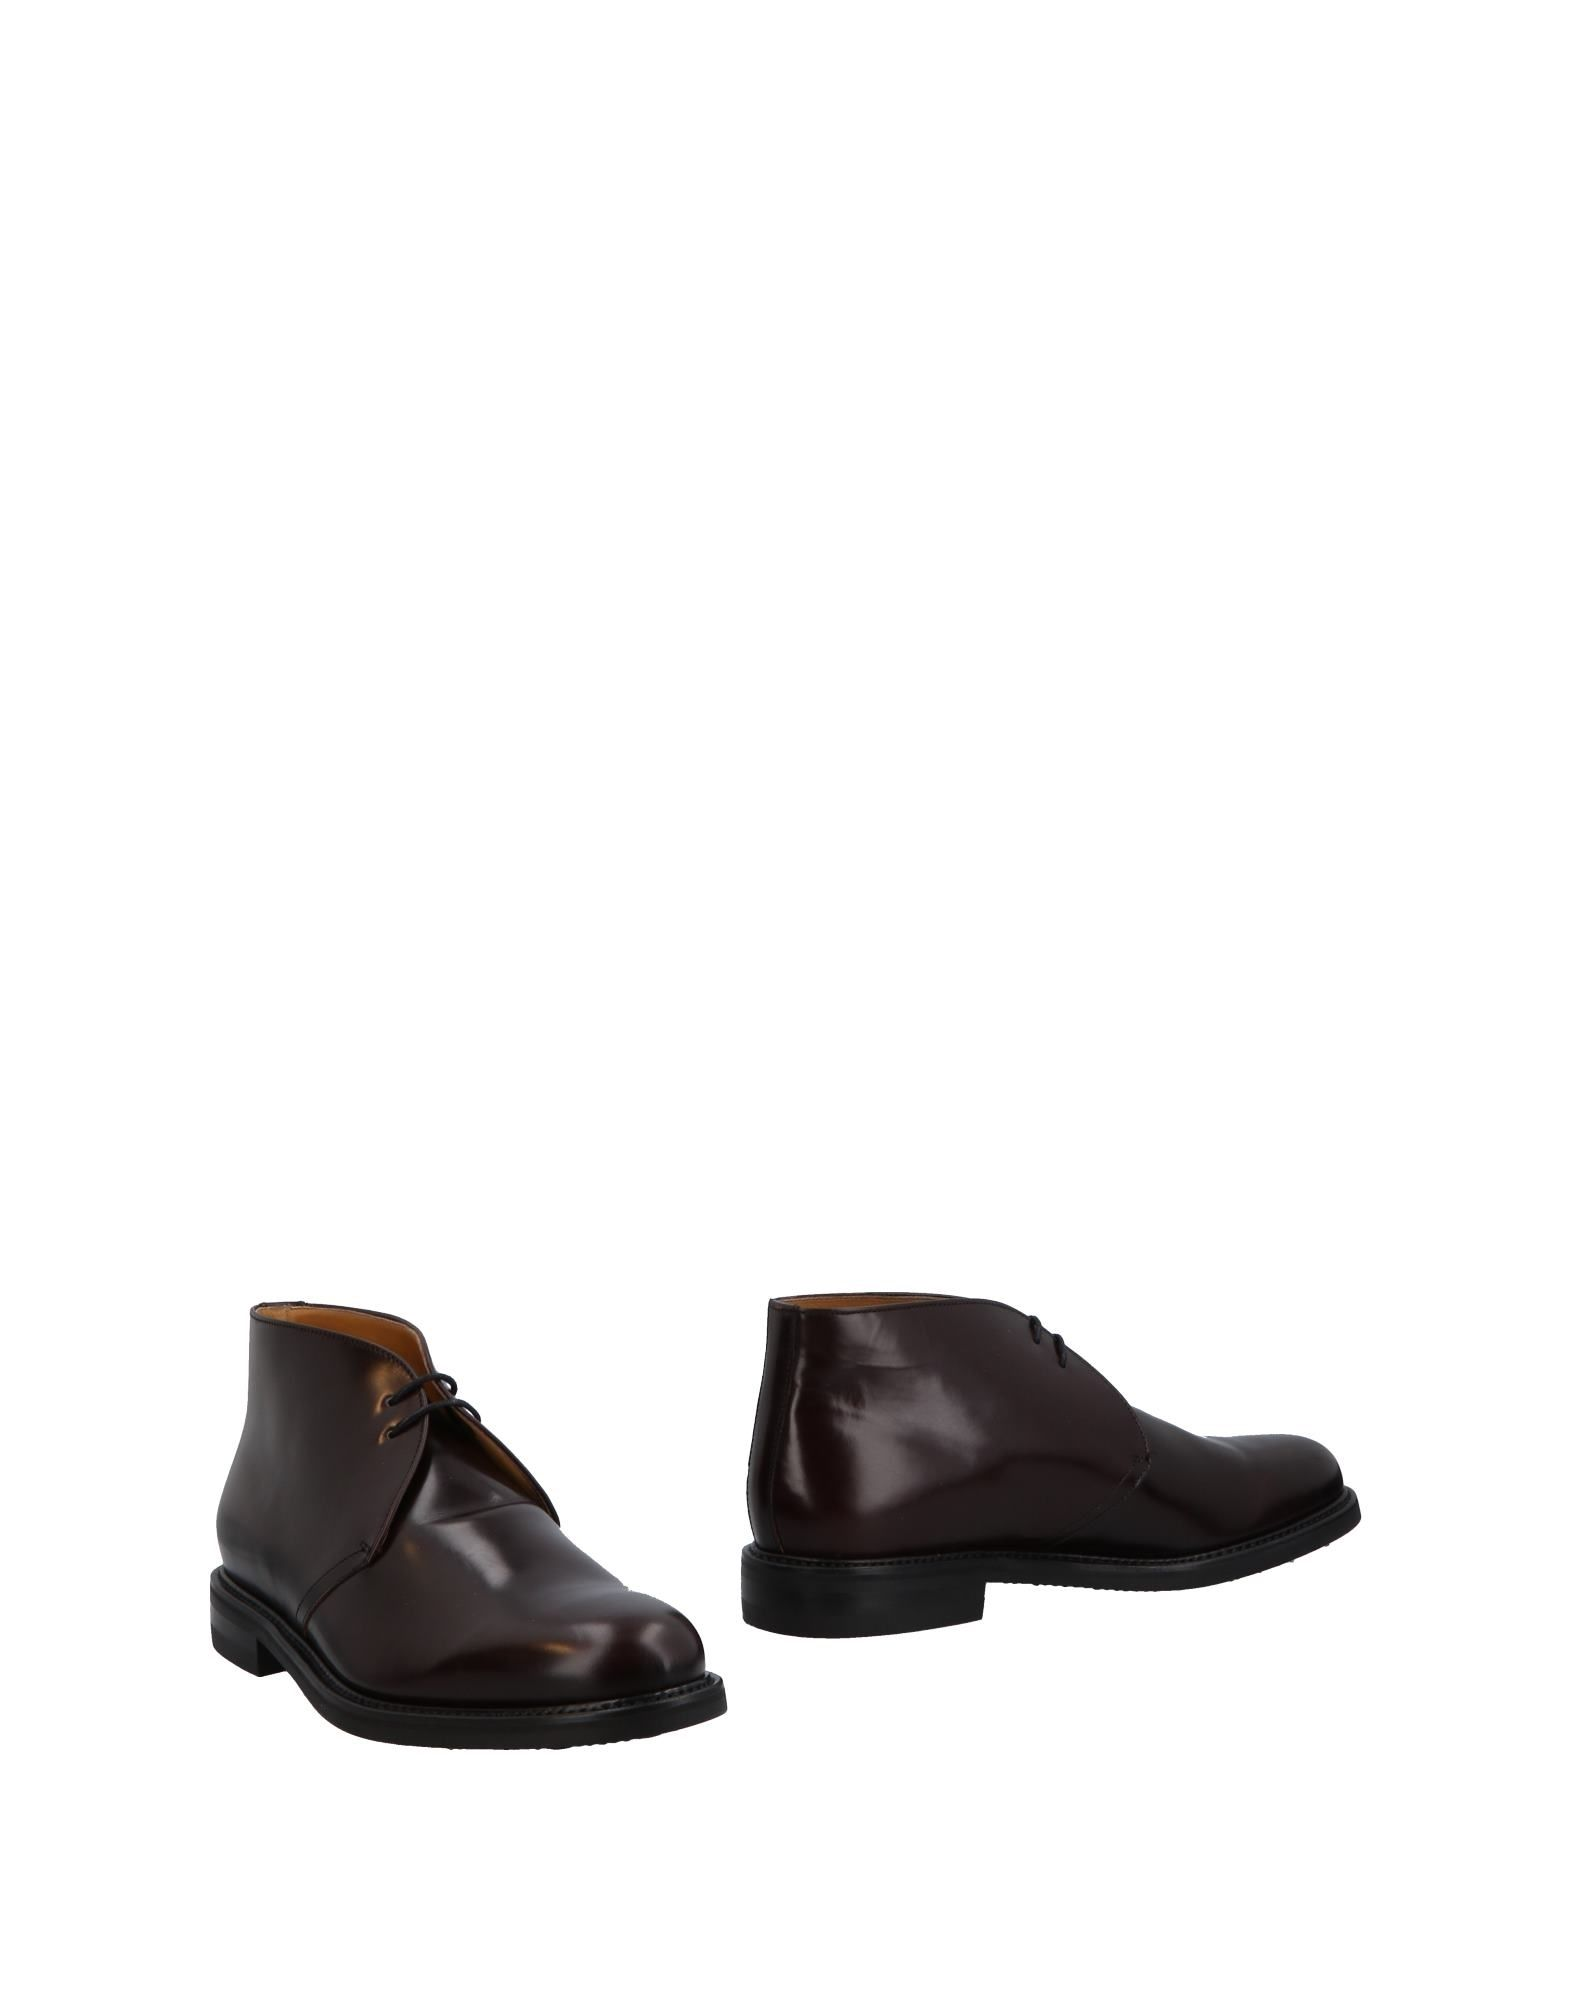 BERWICK 1707 Полусапоги и высокие ботинки